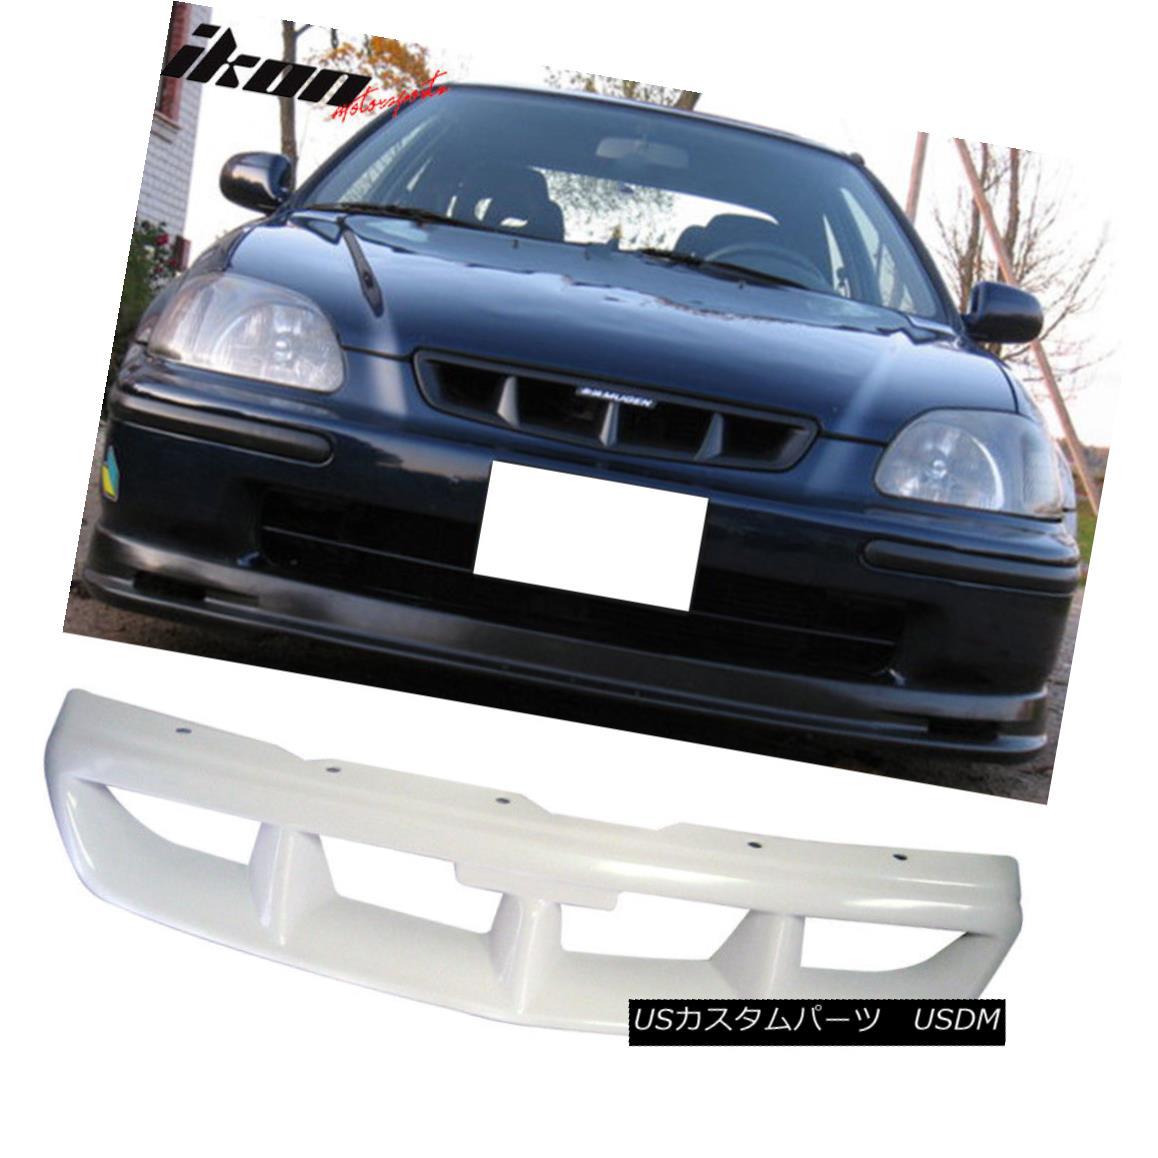 グリル Fits 96-98 EK Civic 2Dr 3Dr 4Dr Mug Type Front Bumper Mesh Grille - ABS フィット96-98 EK Civic 2Dr 3Dr 4Drマグタイプフロントバンパーメッシュグリル - ABS